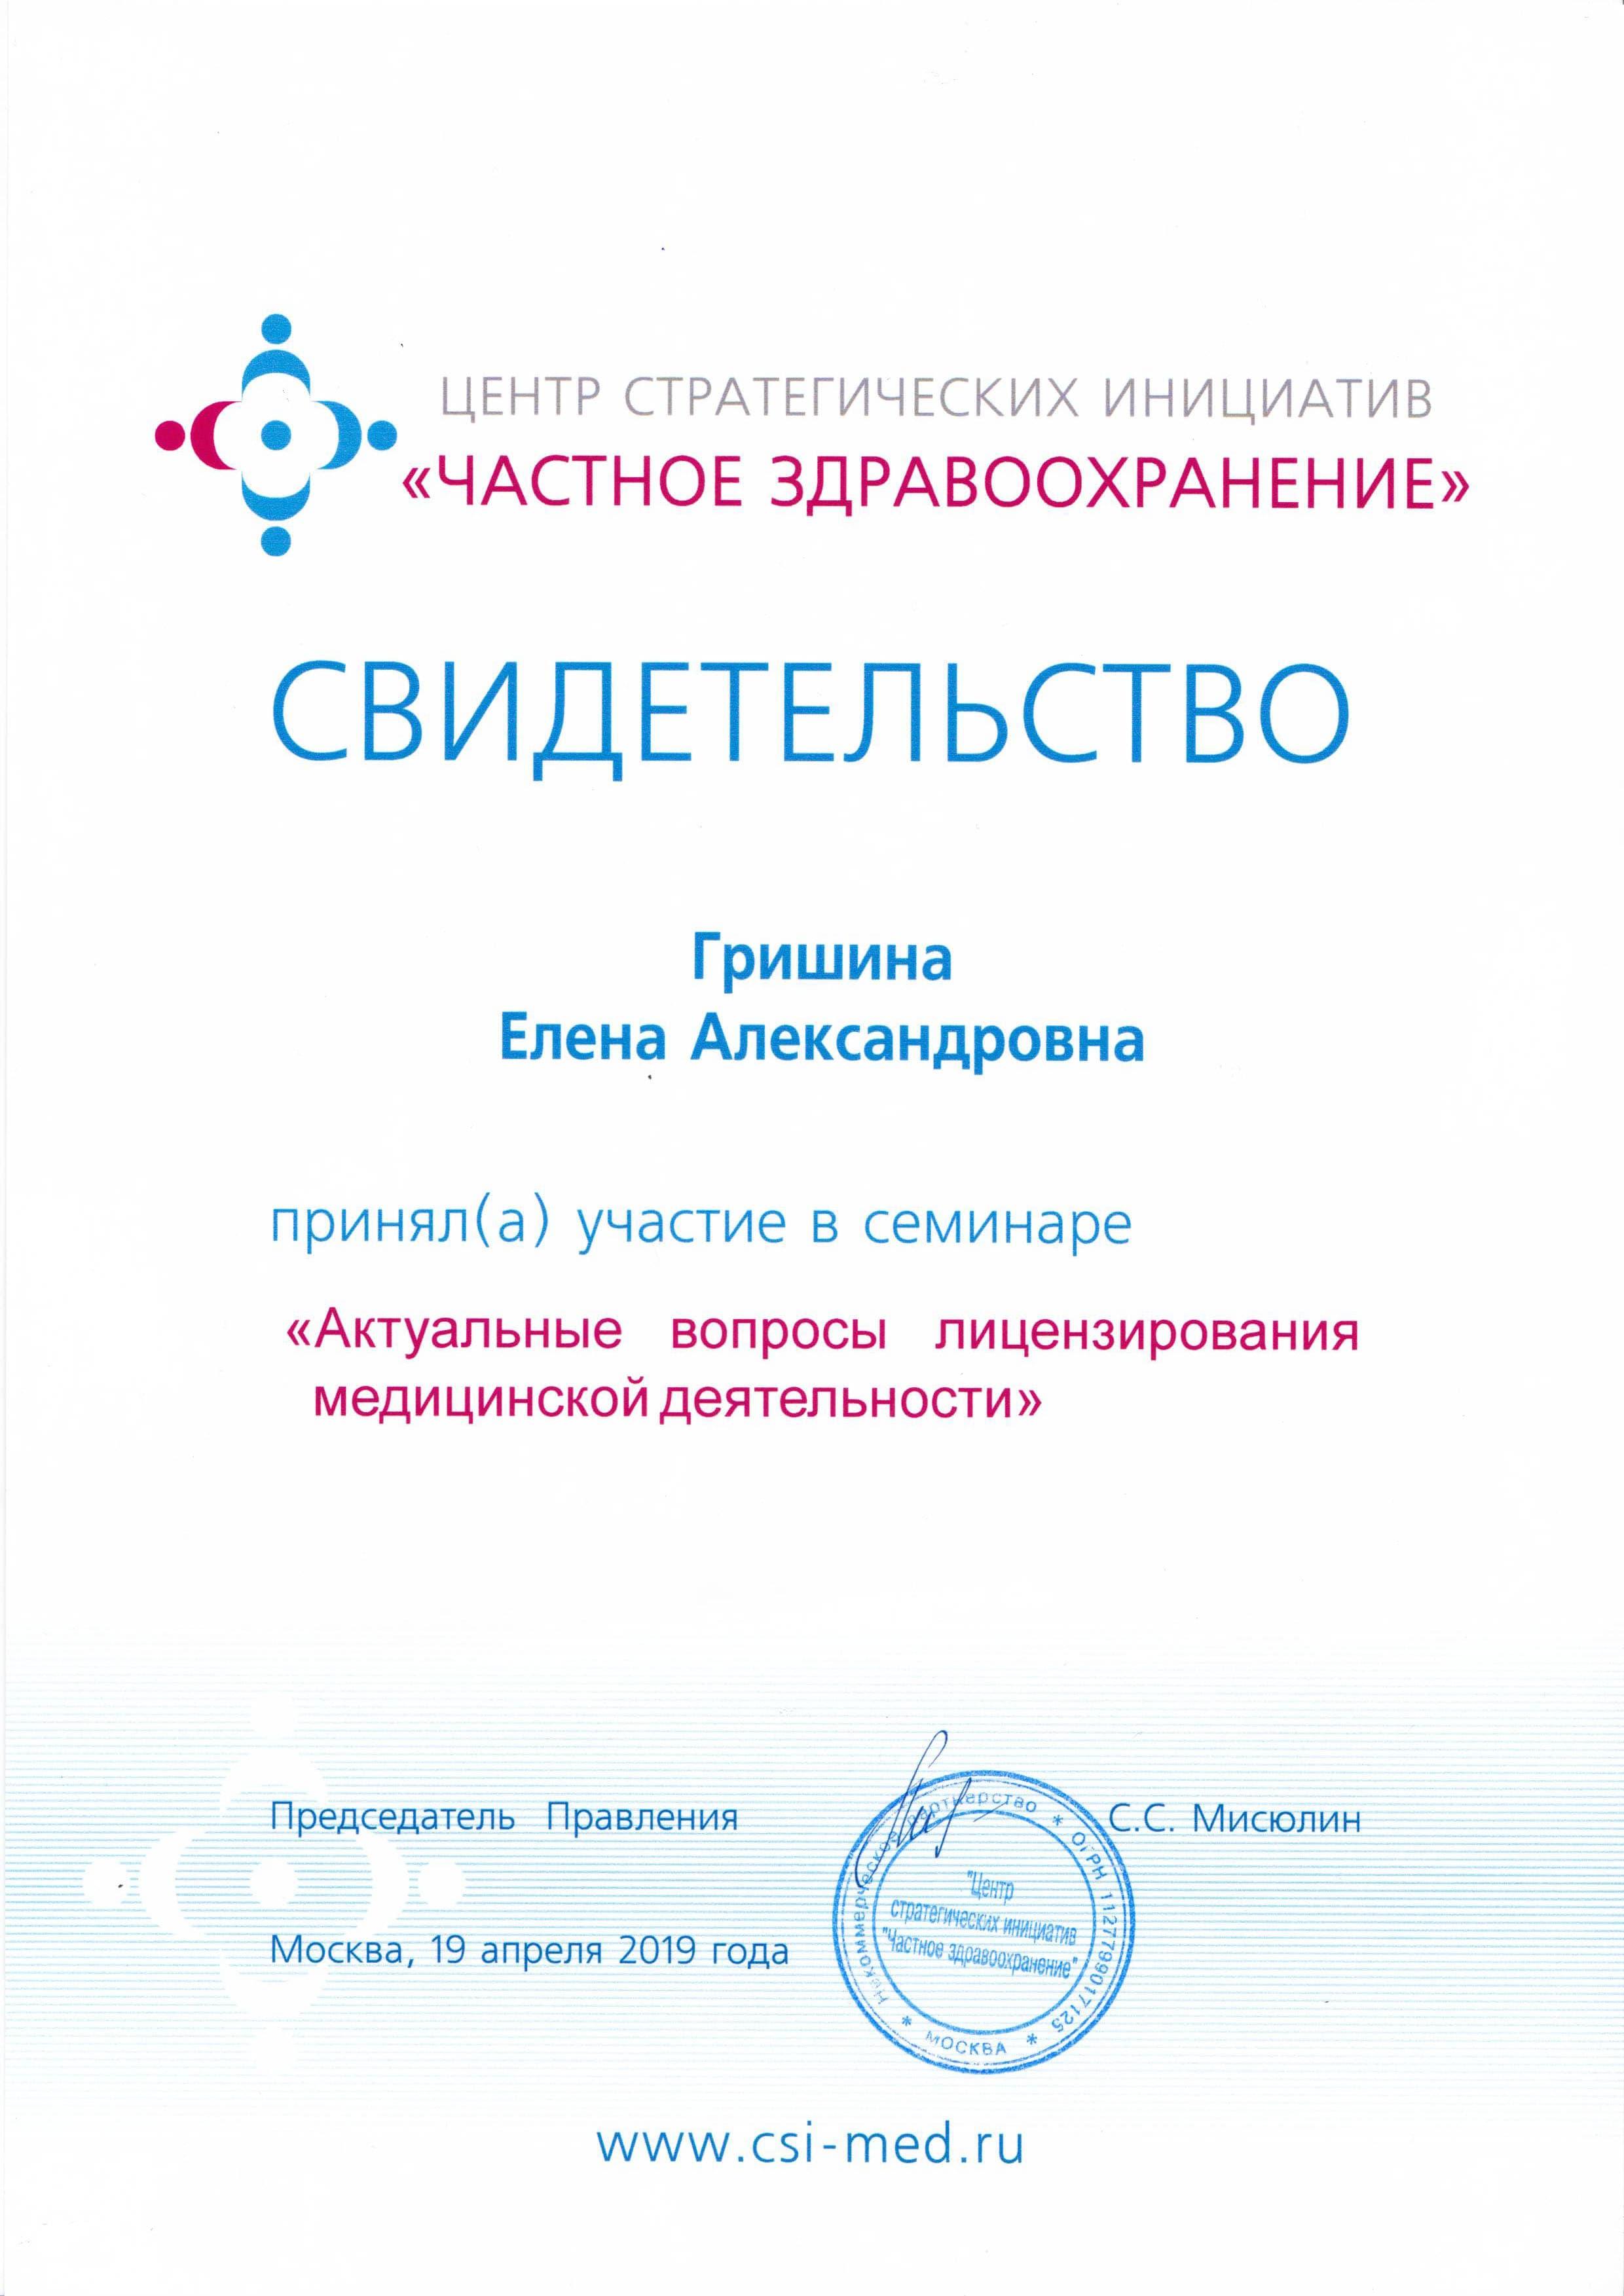 скан диплома об участии в семинаре по лицензированию